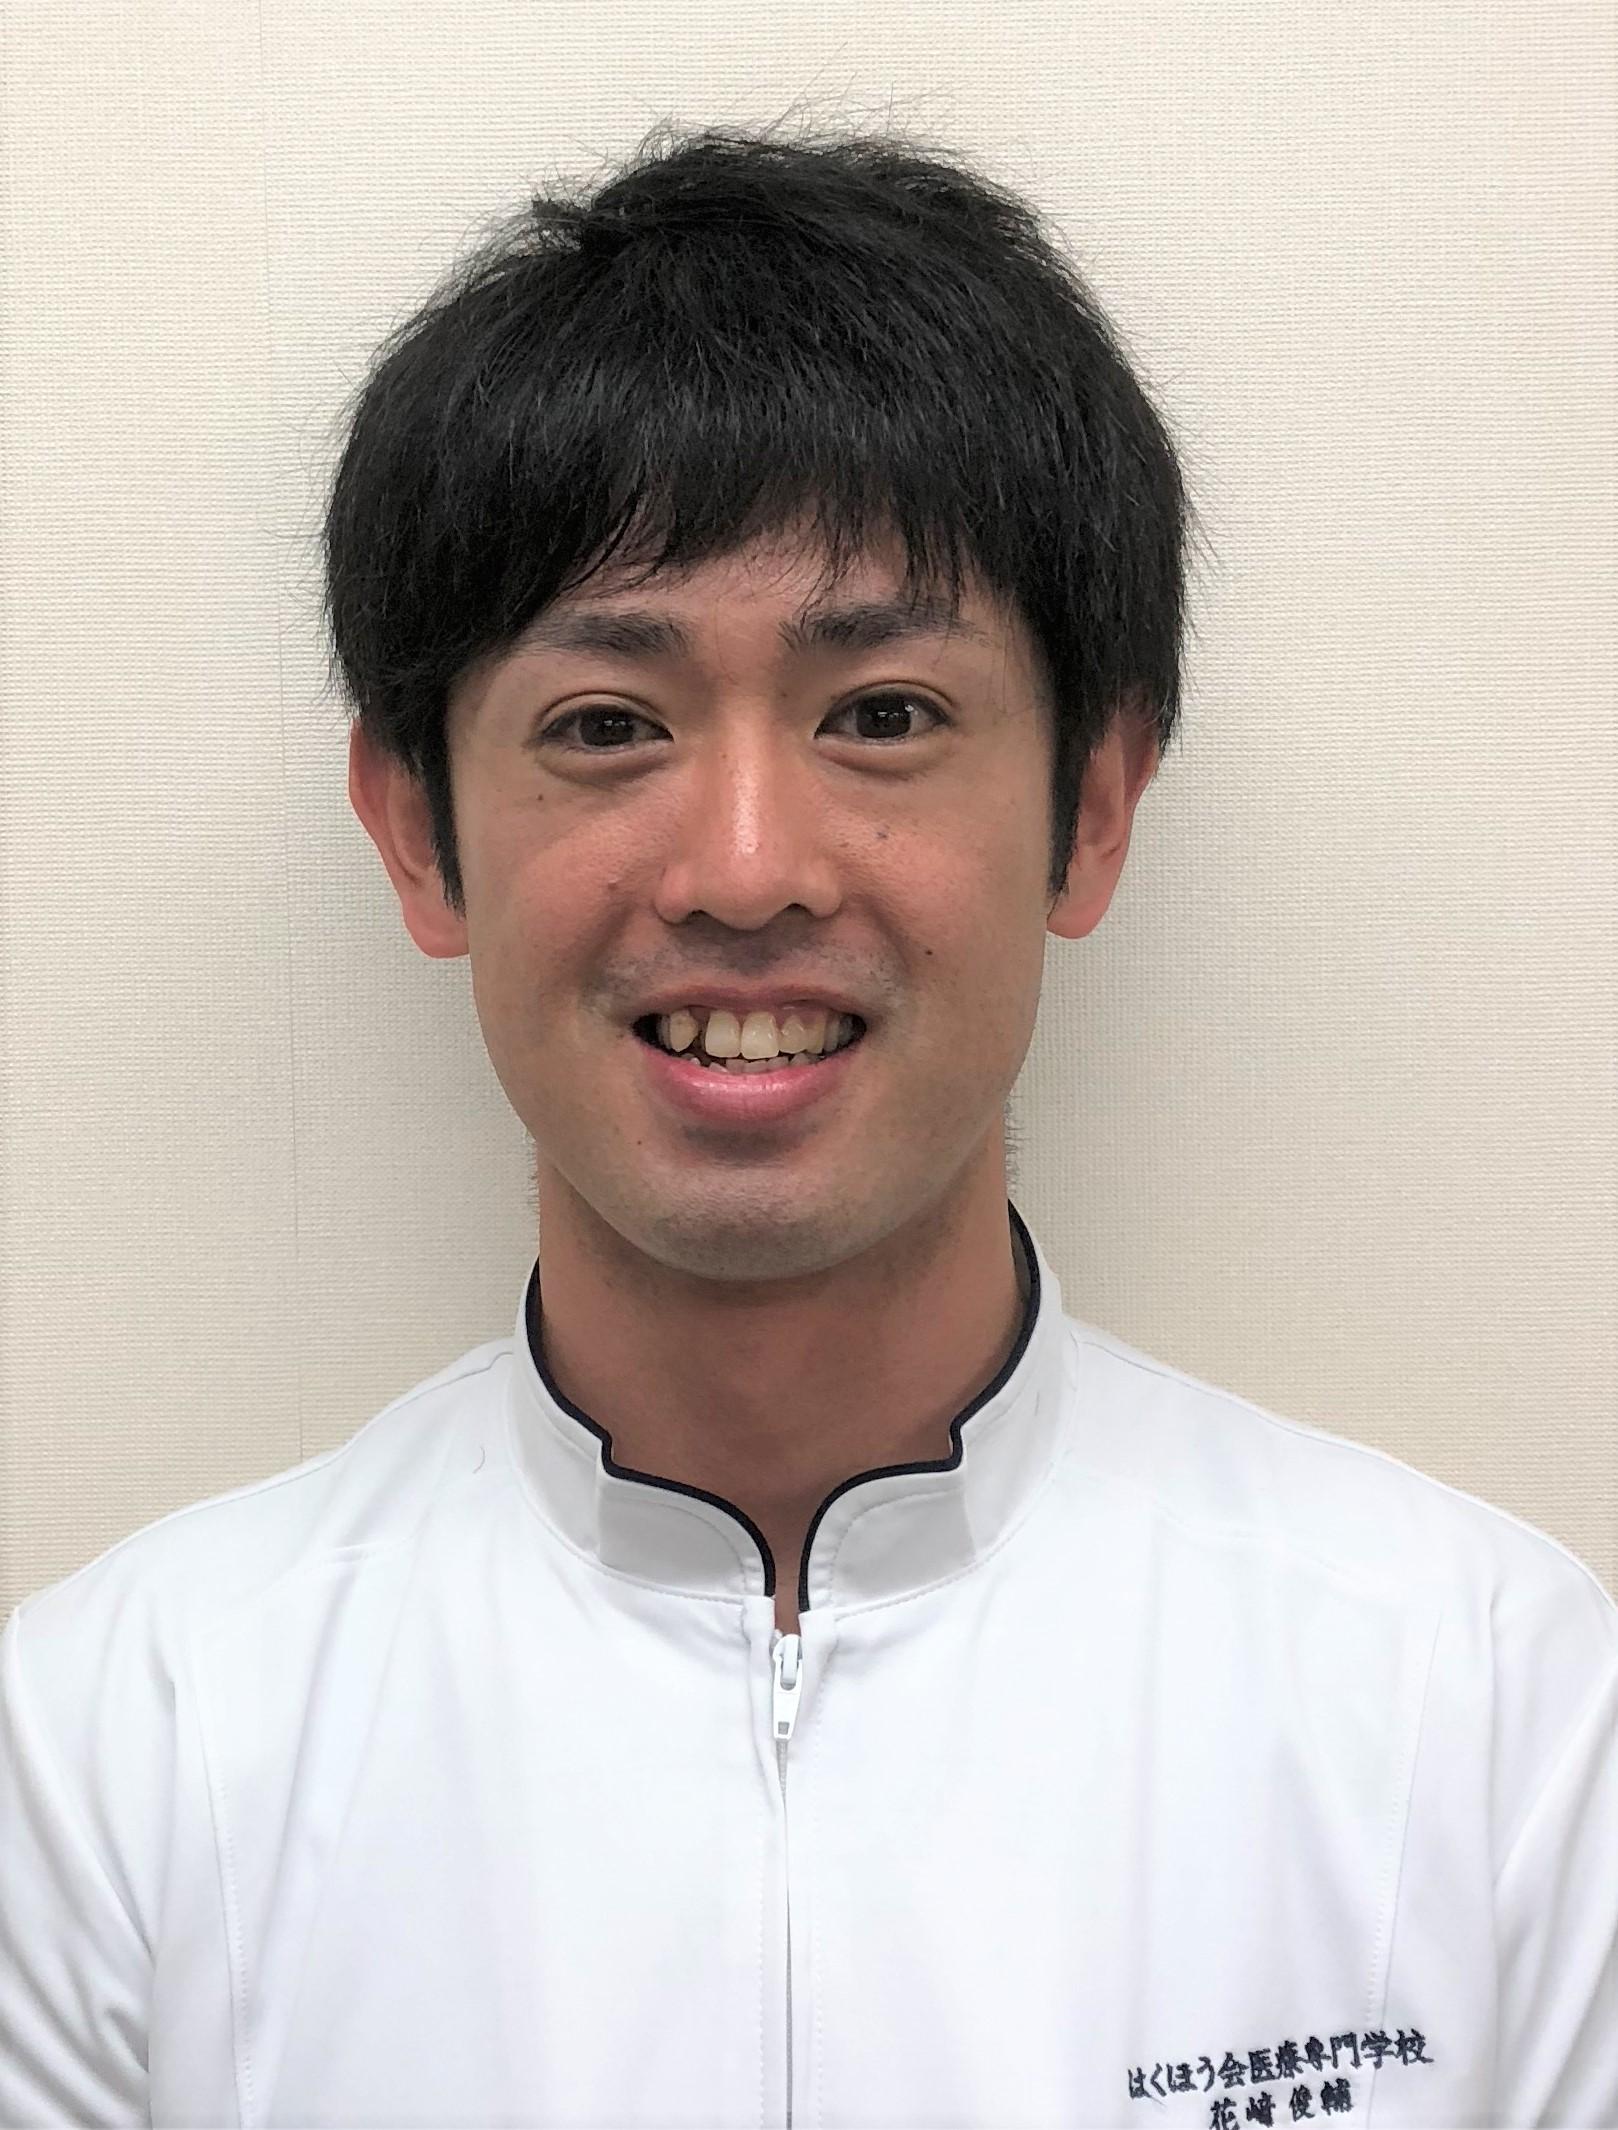 理学療法学科 花﨑 俊輔 さん